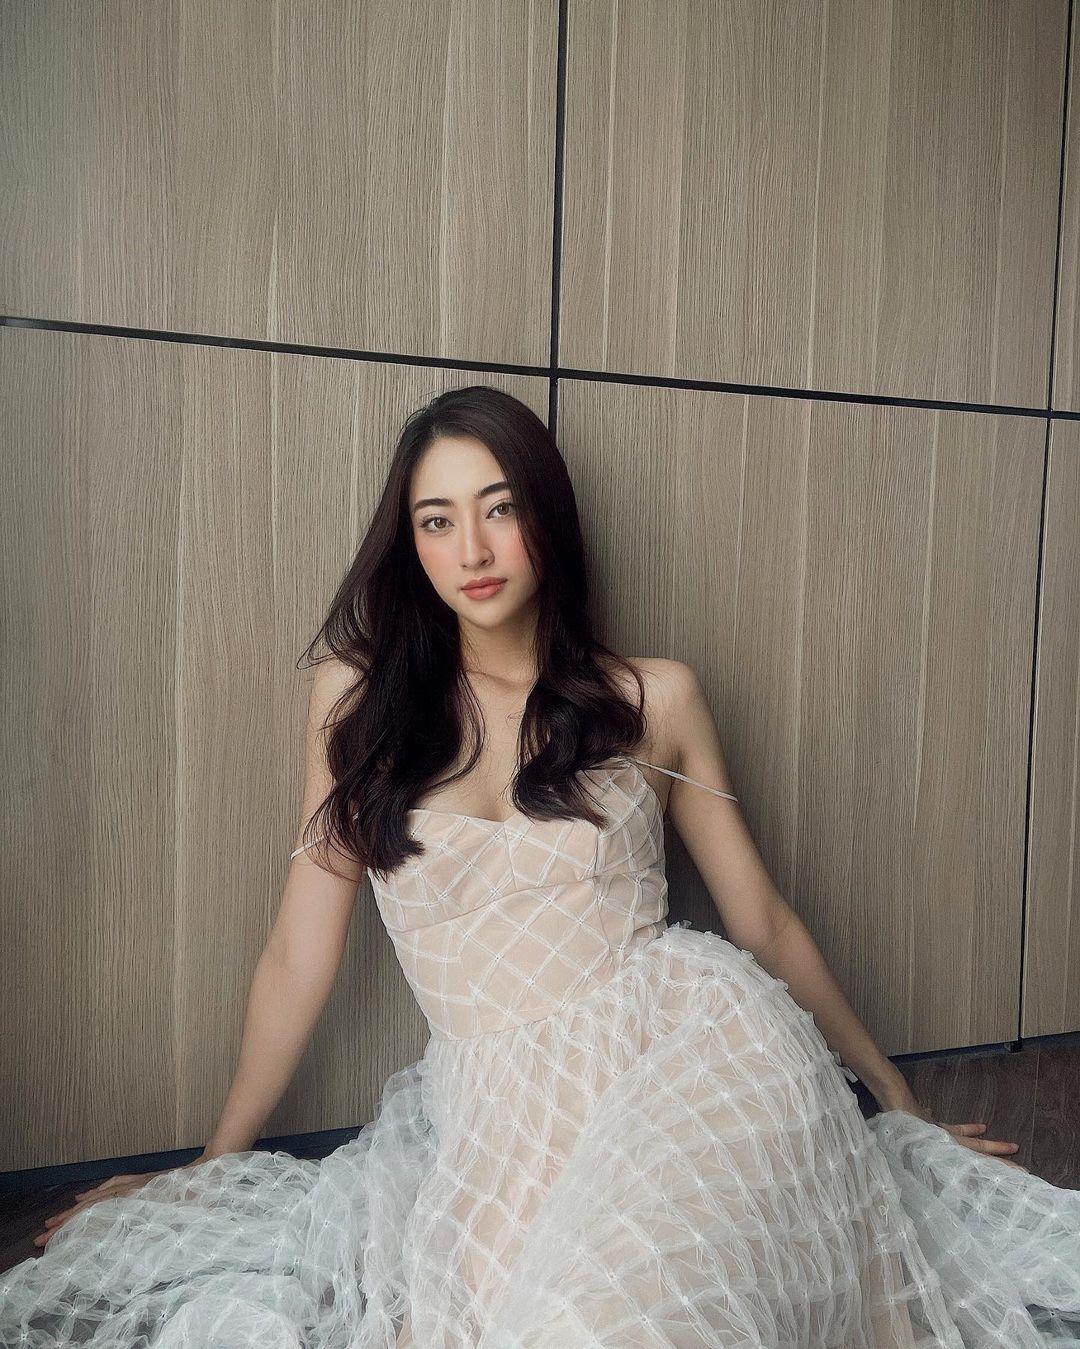 Hoa hậu Cao Bằng có số đo đẹp nhất lịch sử, đôi chân dài 1m22 không đối thủ - 5